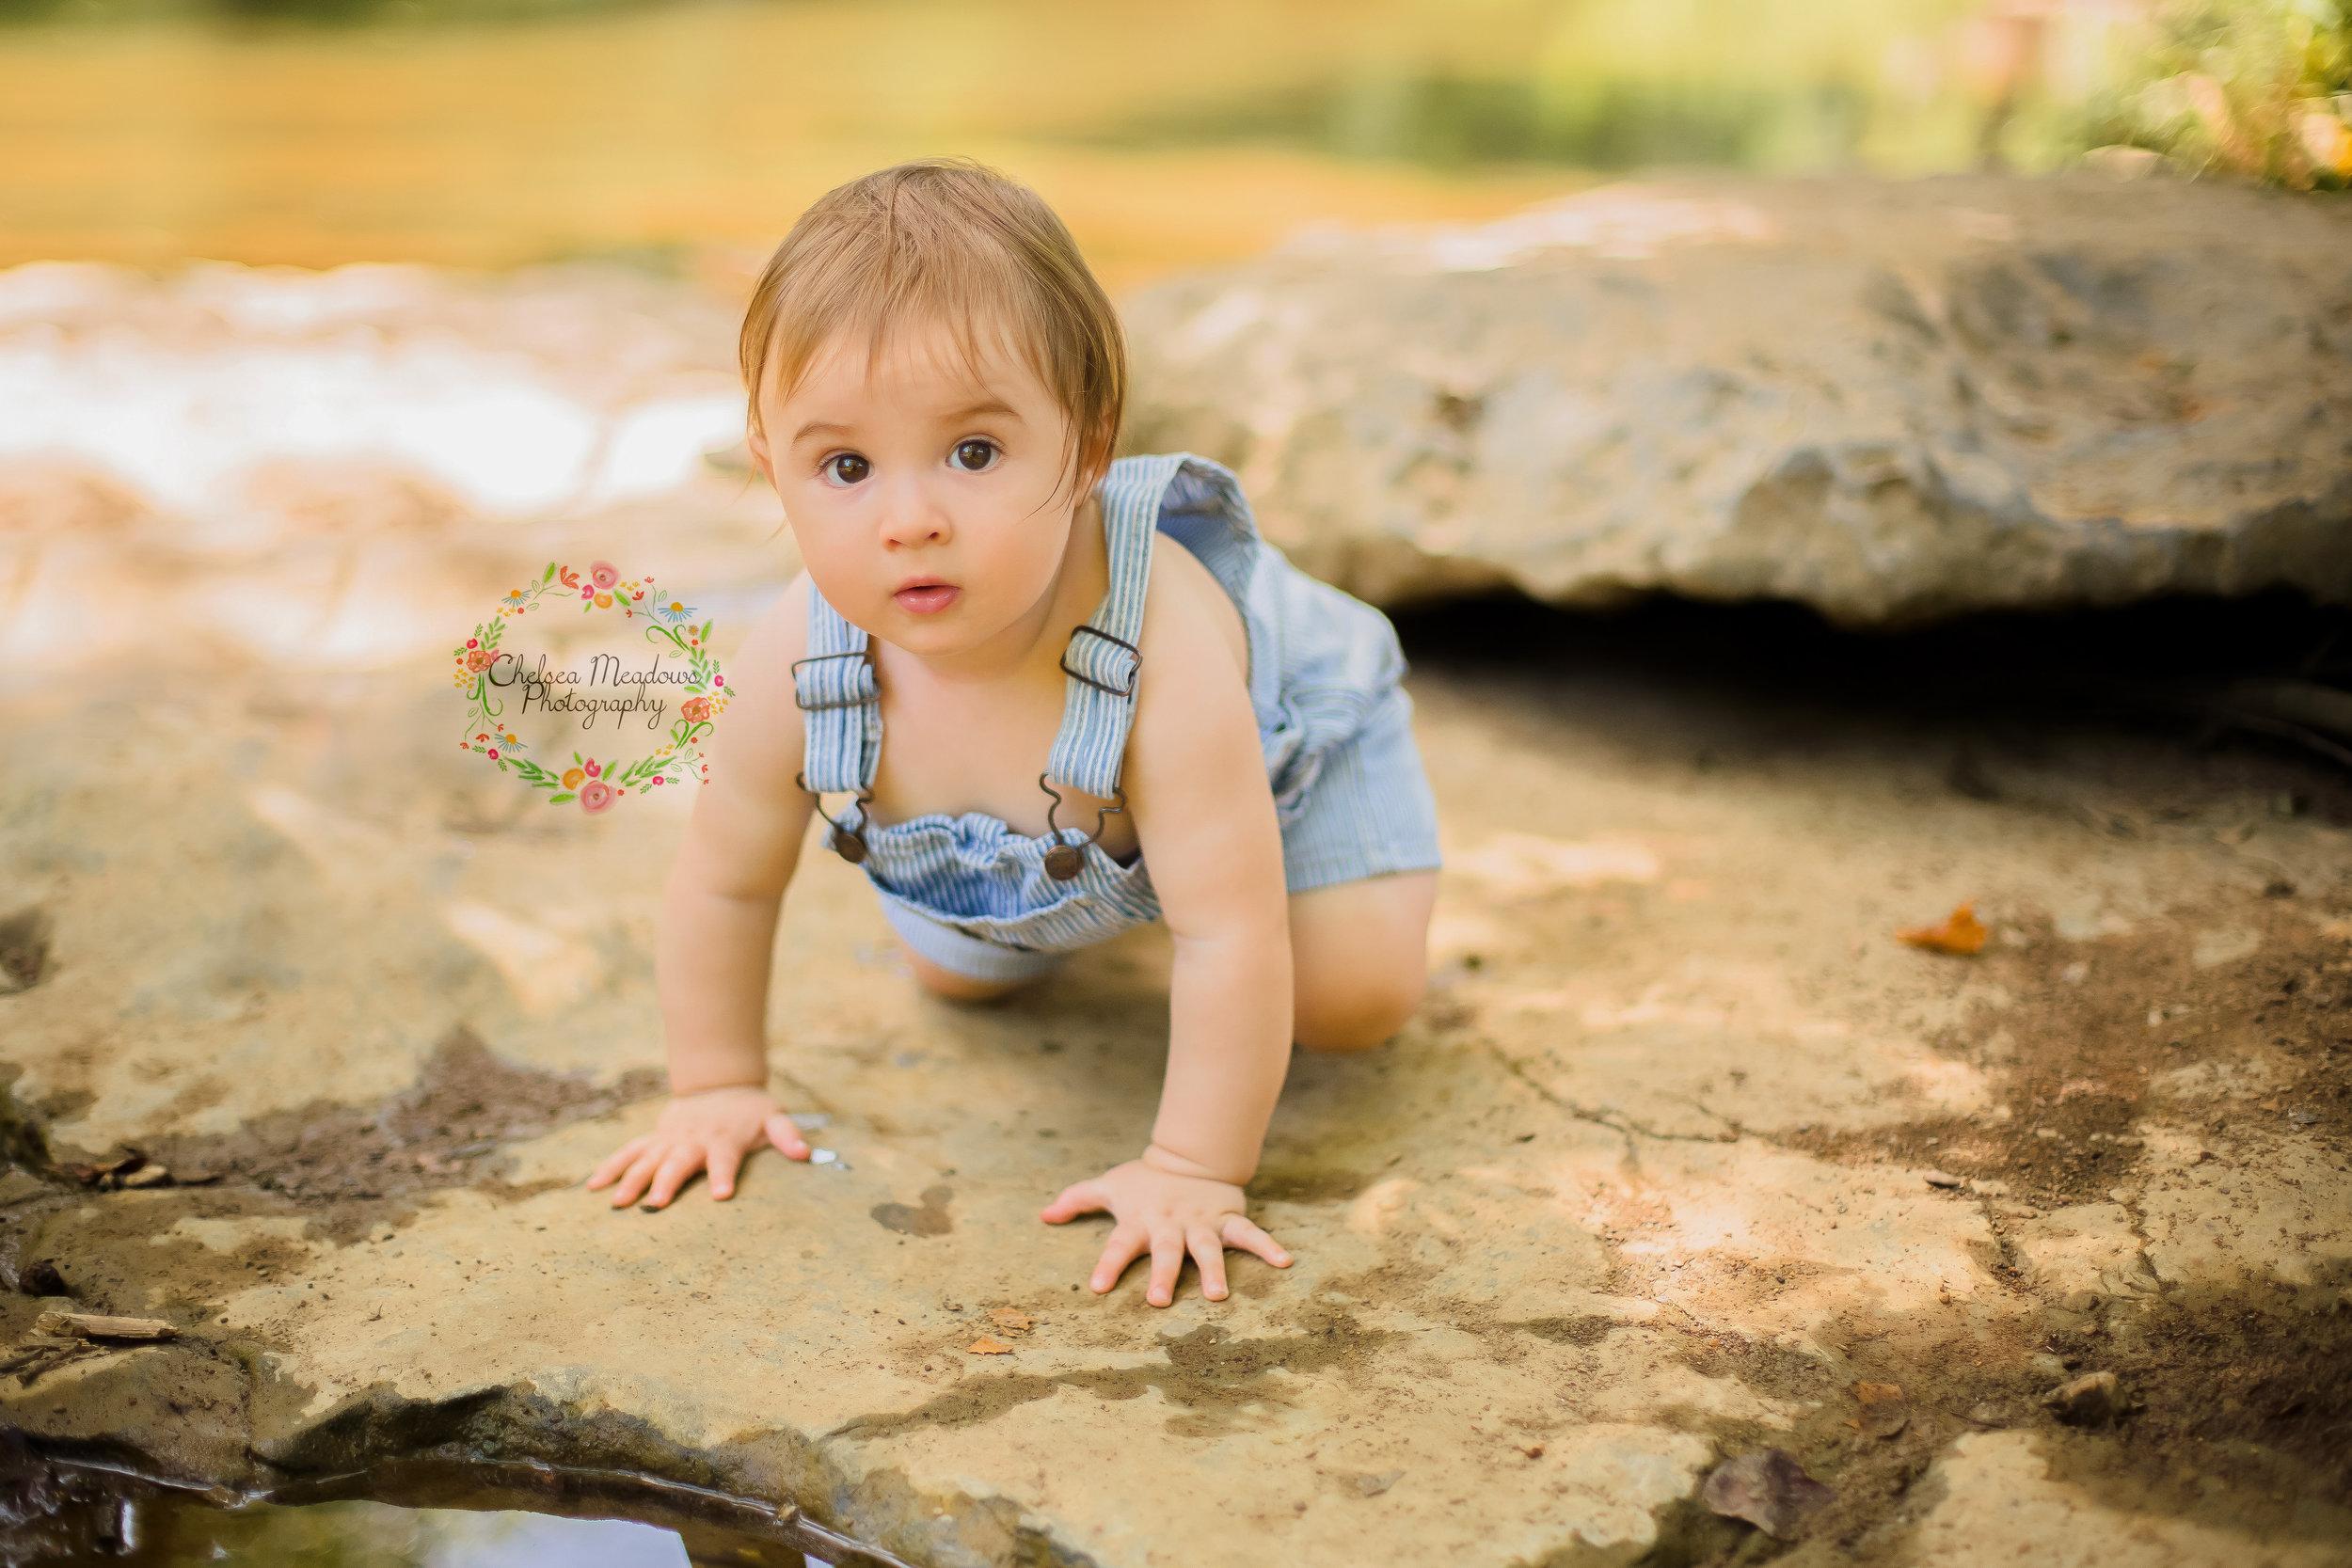 Rowans First Birthday - Nashville Family Photographer - Chelsea Meadows Photography (2).jpg